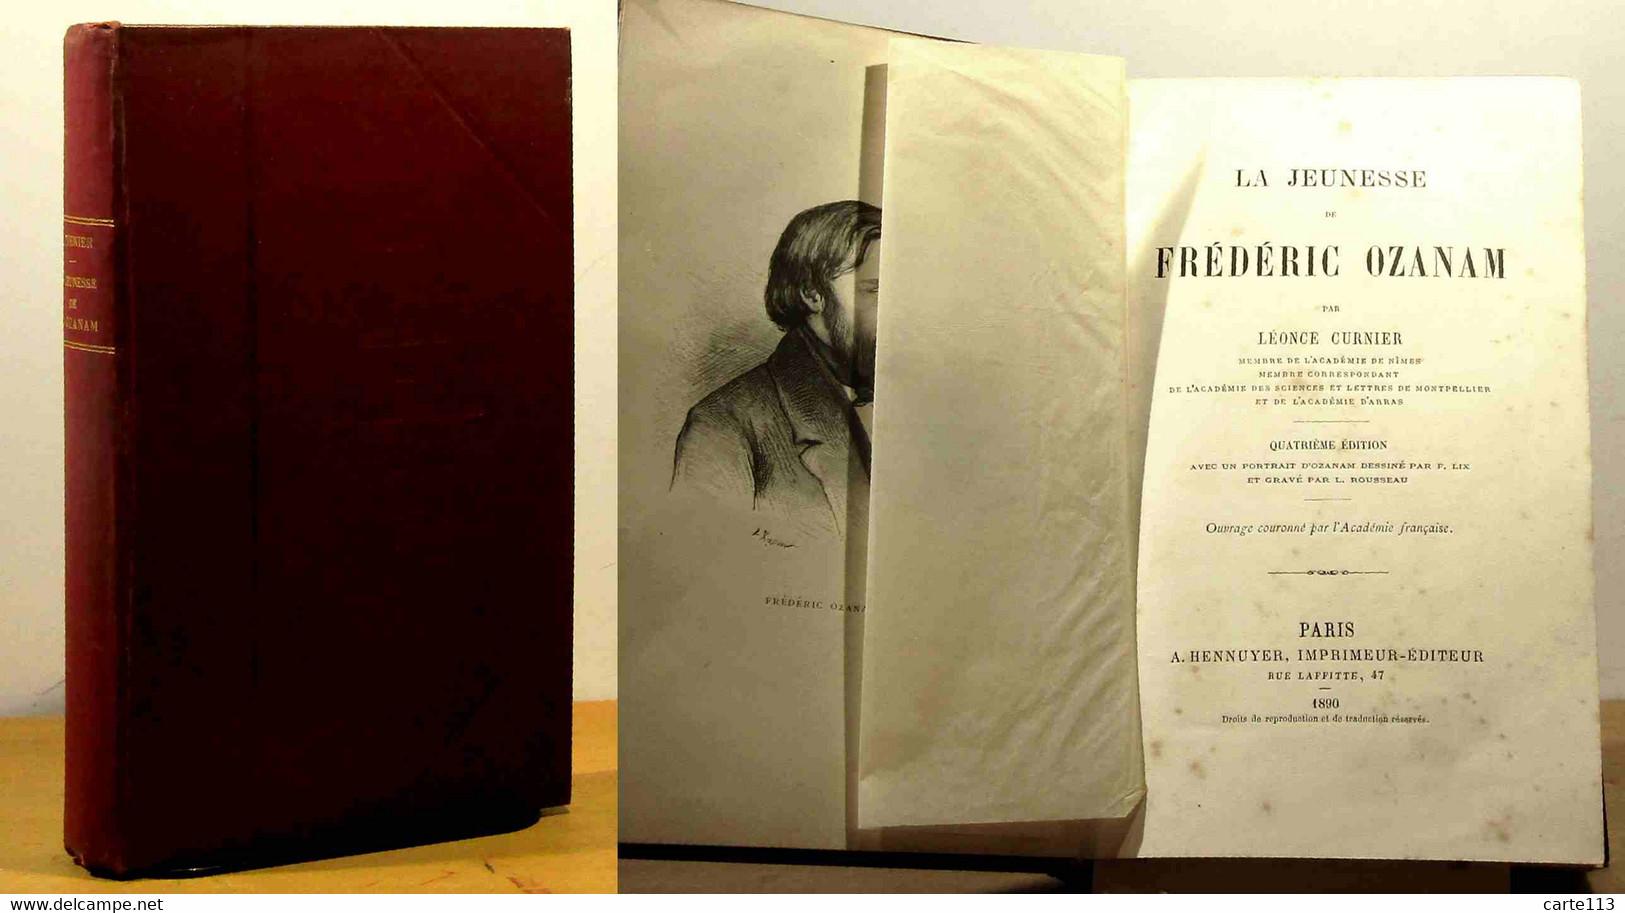 CURNIER Leonce - LA JEUNESSE DE FREDERIC OZANAM - 1801-1900